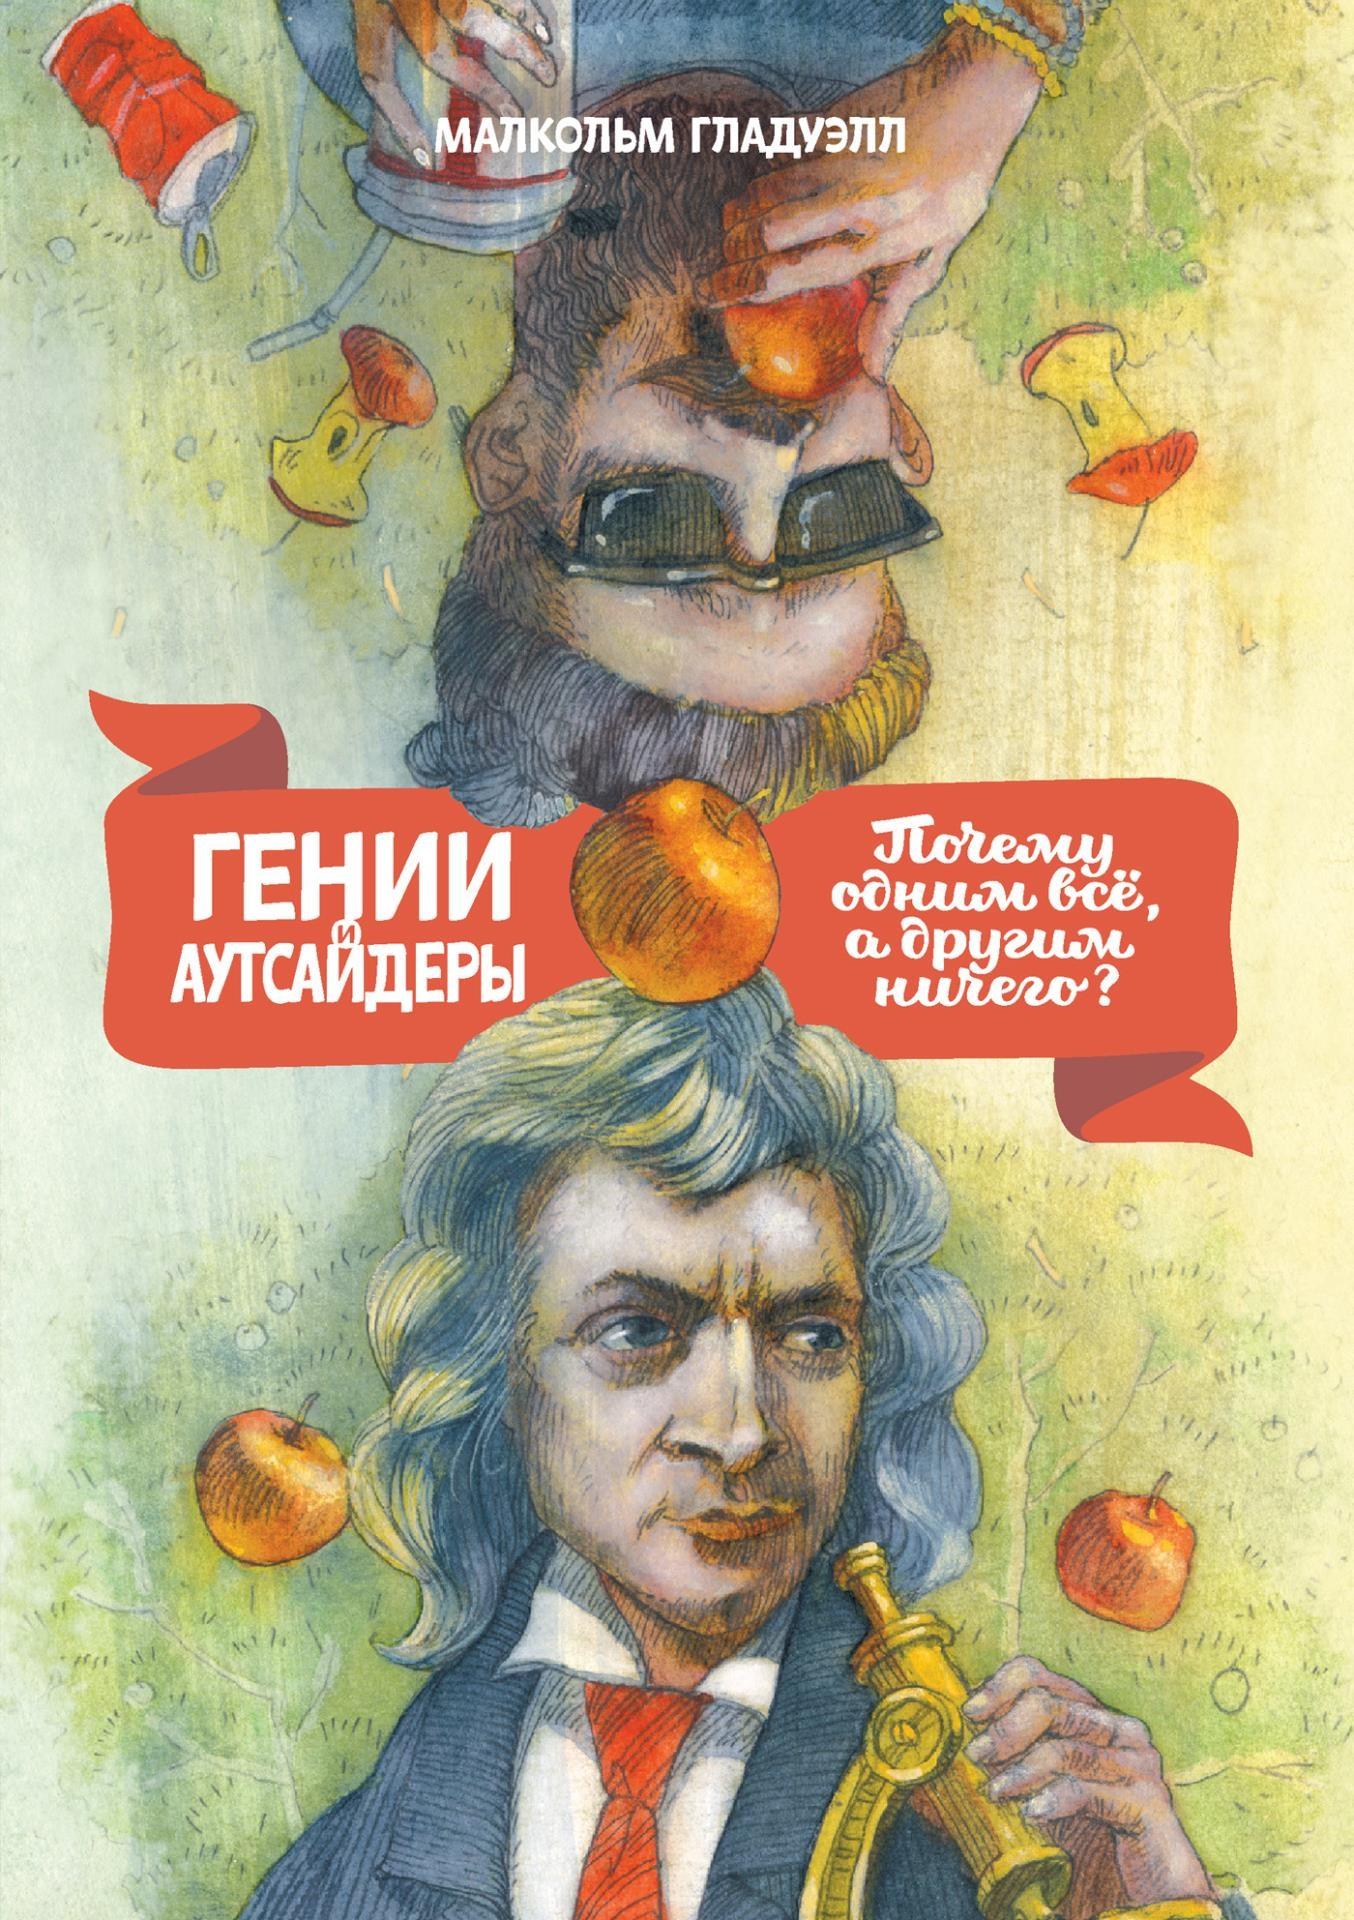 """Книга """"Гении и аутсайдеры""""   Гладуэлл Малкольм"""